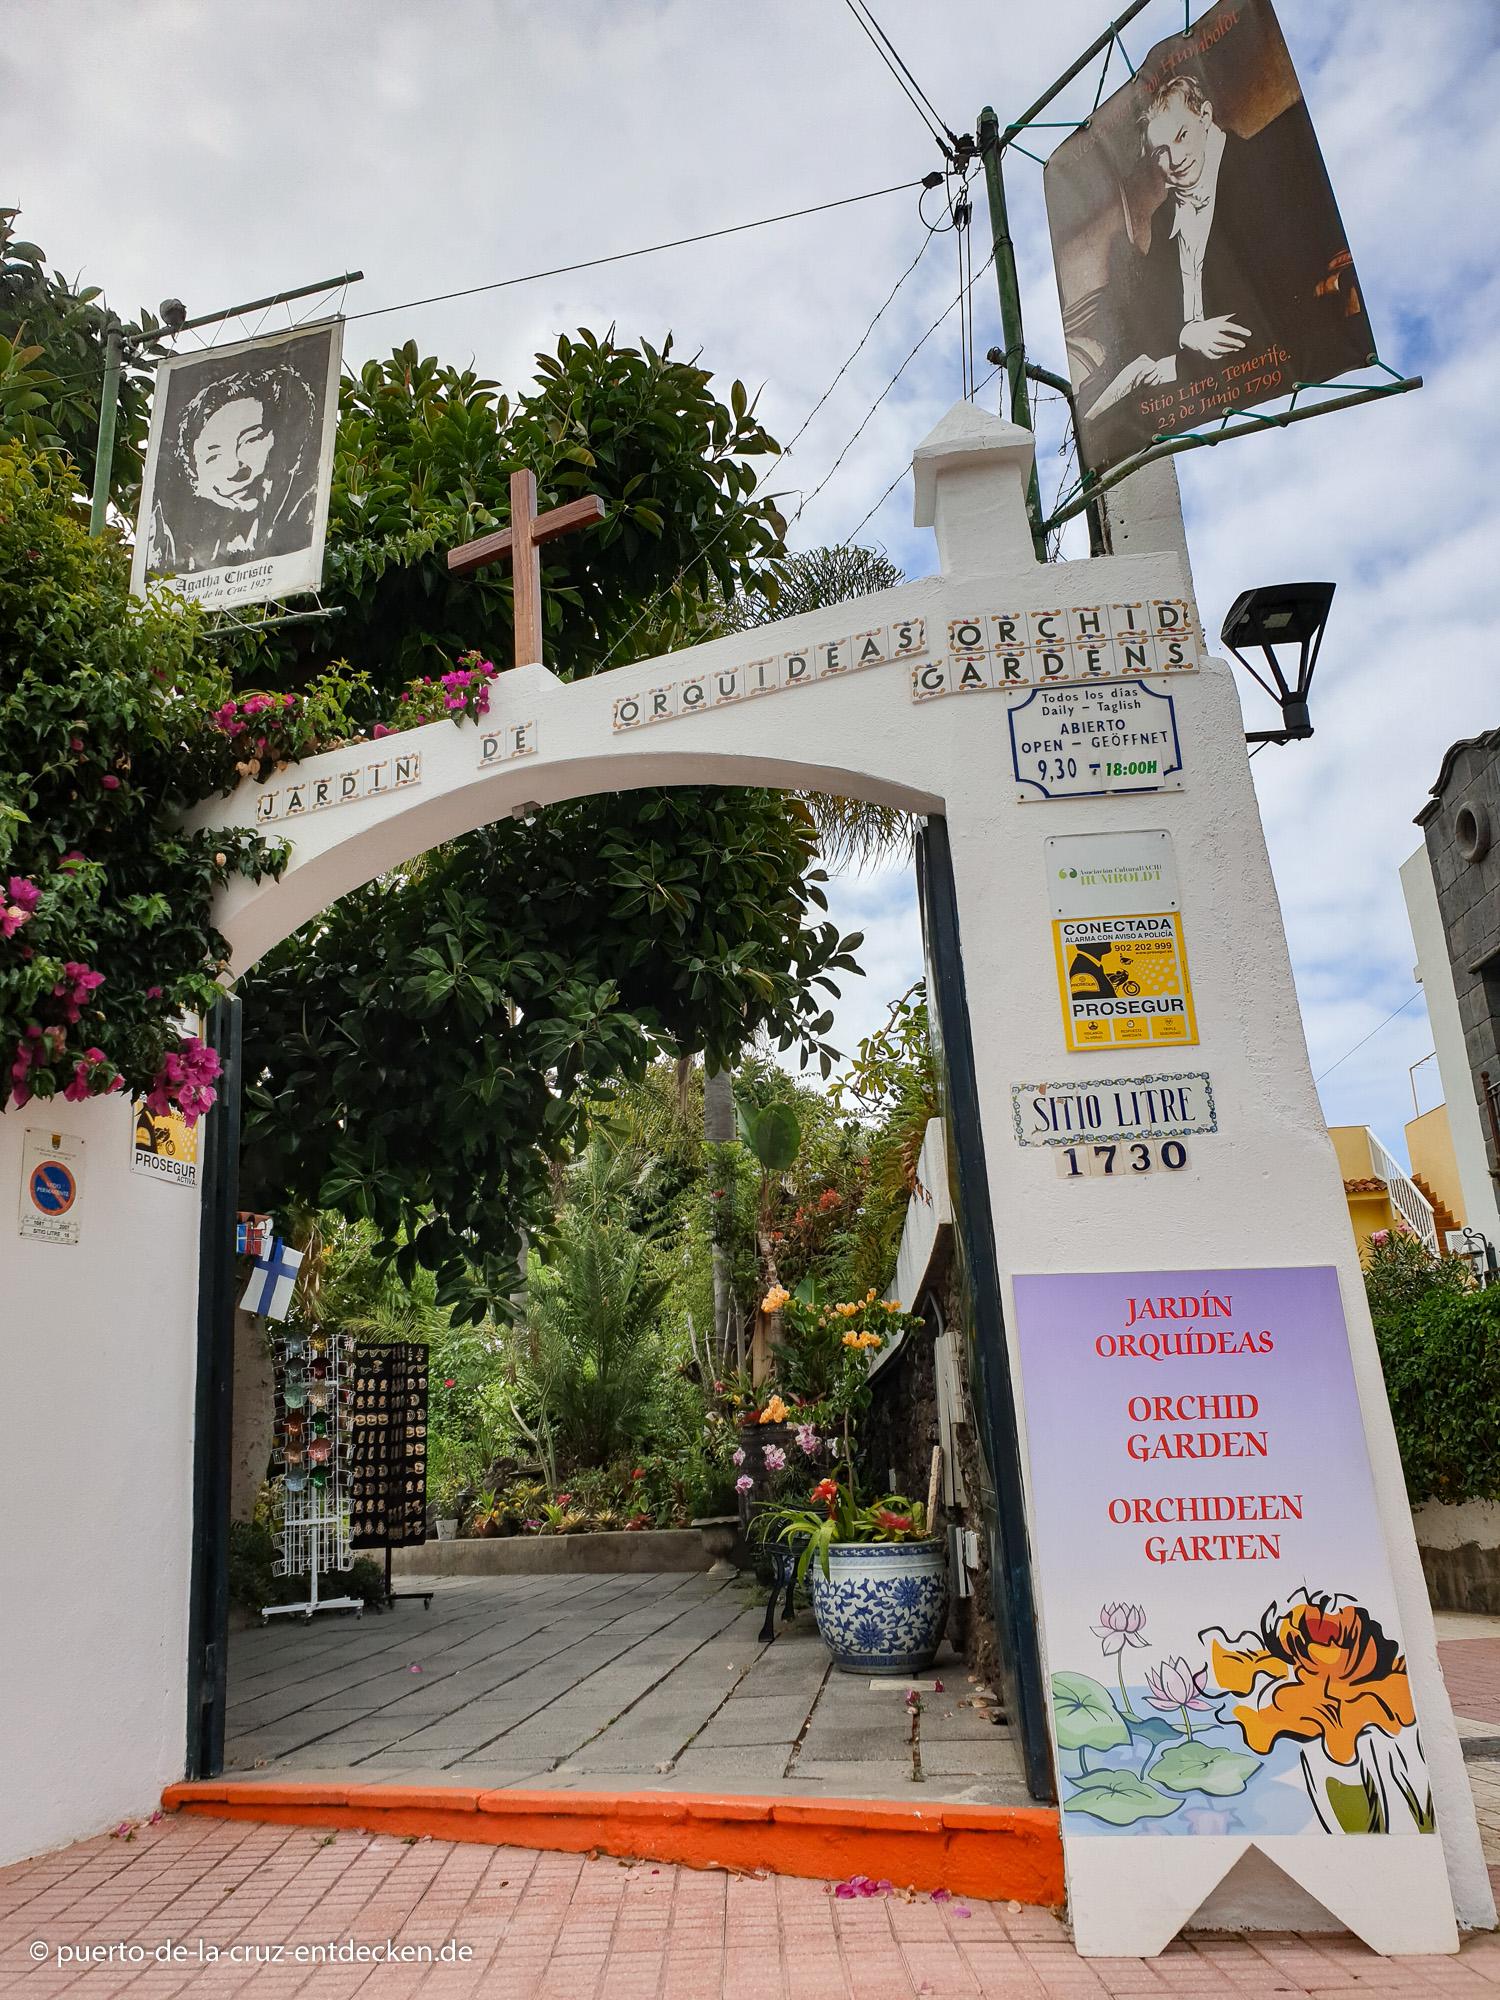 Eingang vom Sitio Litre: Der Orchideen-Garten ist täglich geöffnet.